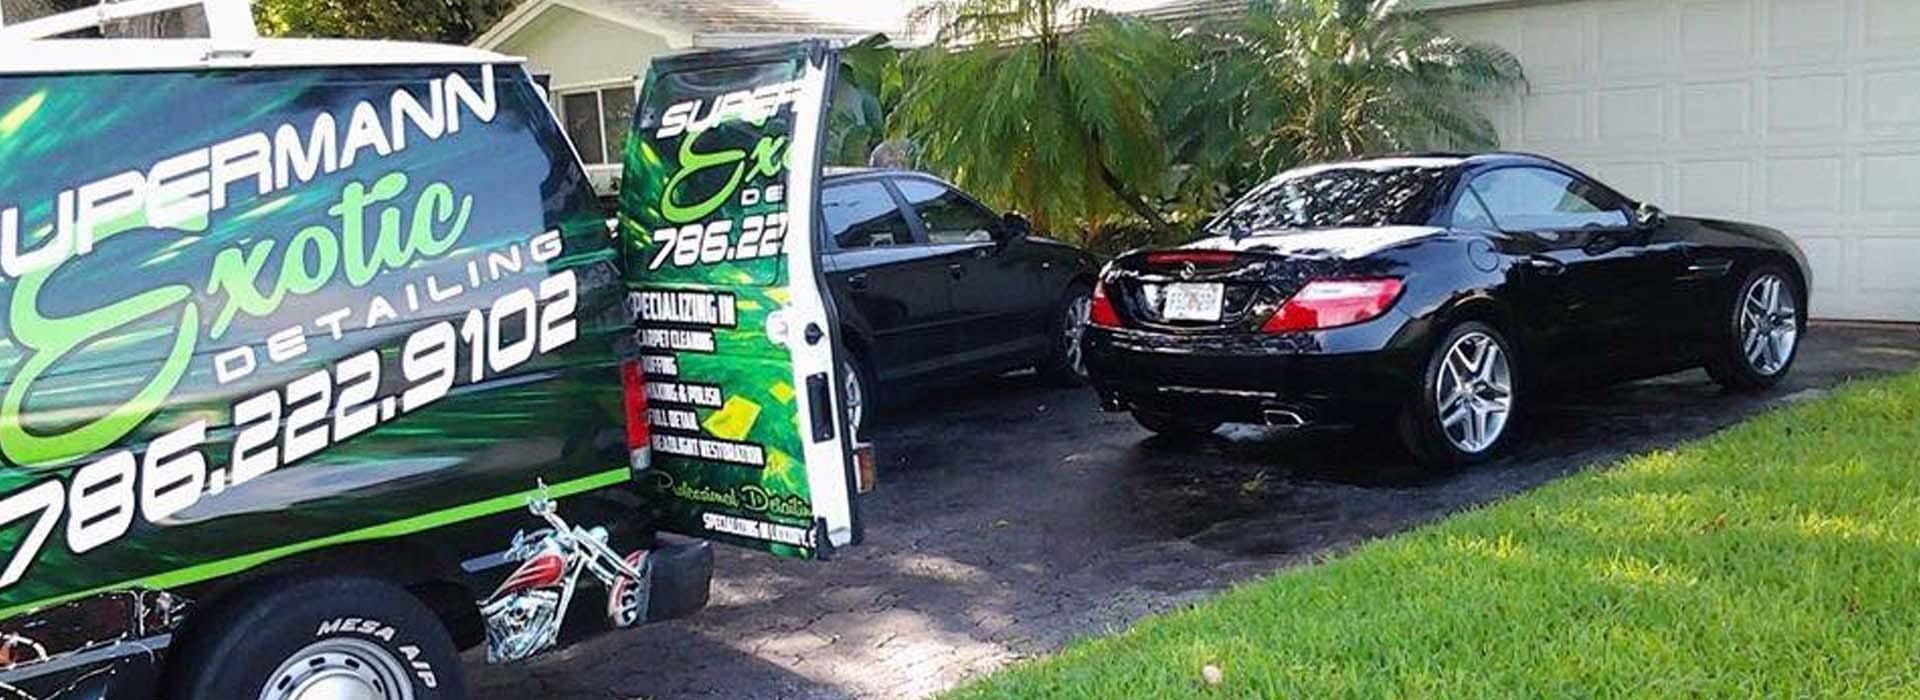 Full Service Car Wash Plantation Fl